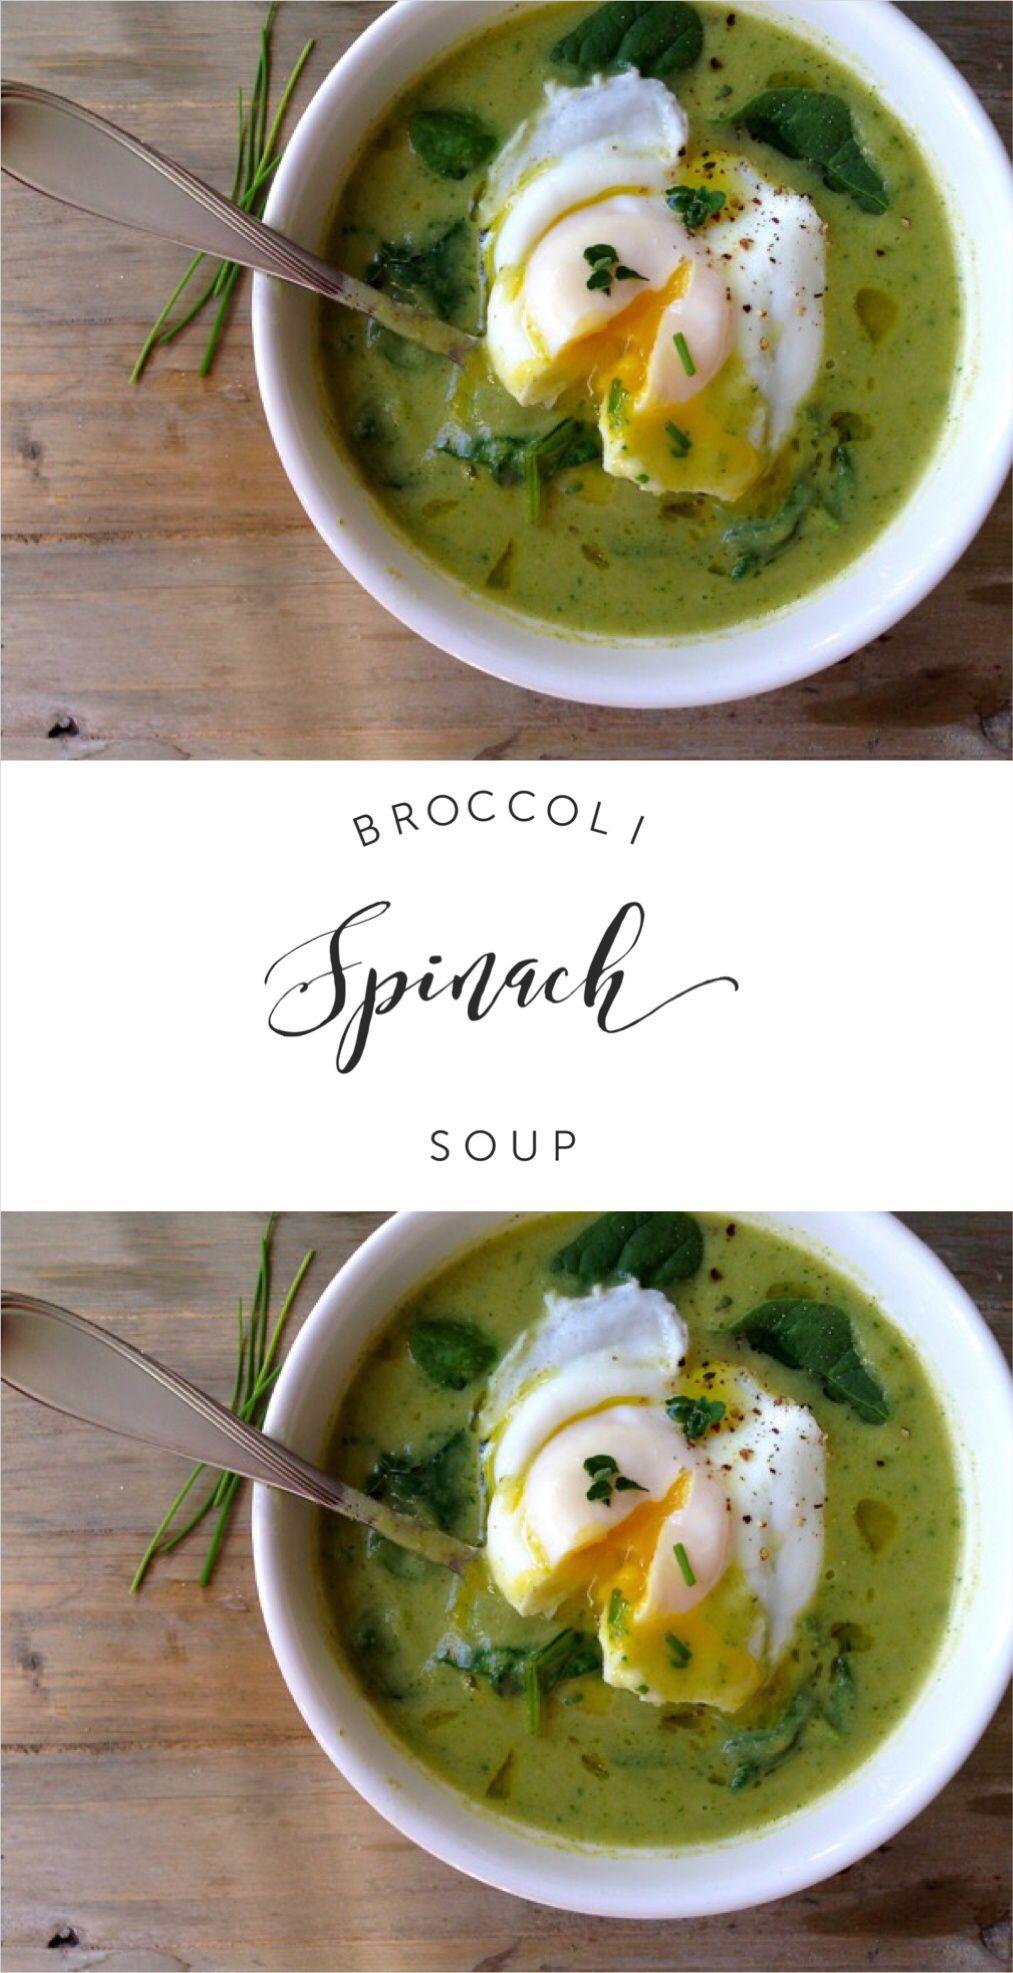 Broccoli Spinach Soup Recipe | CiaoFlorentina.com @CiaoFlorentina